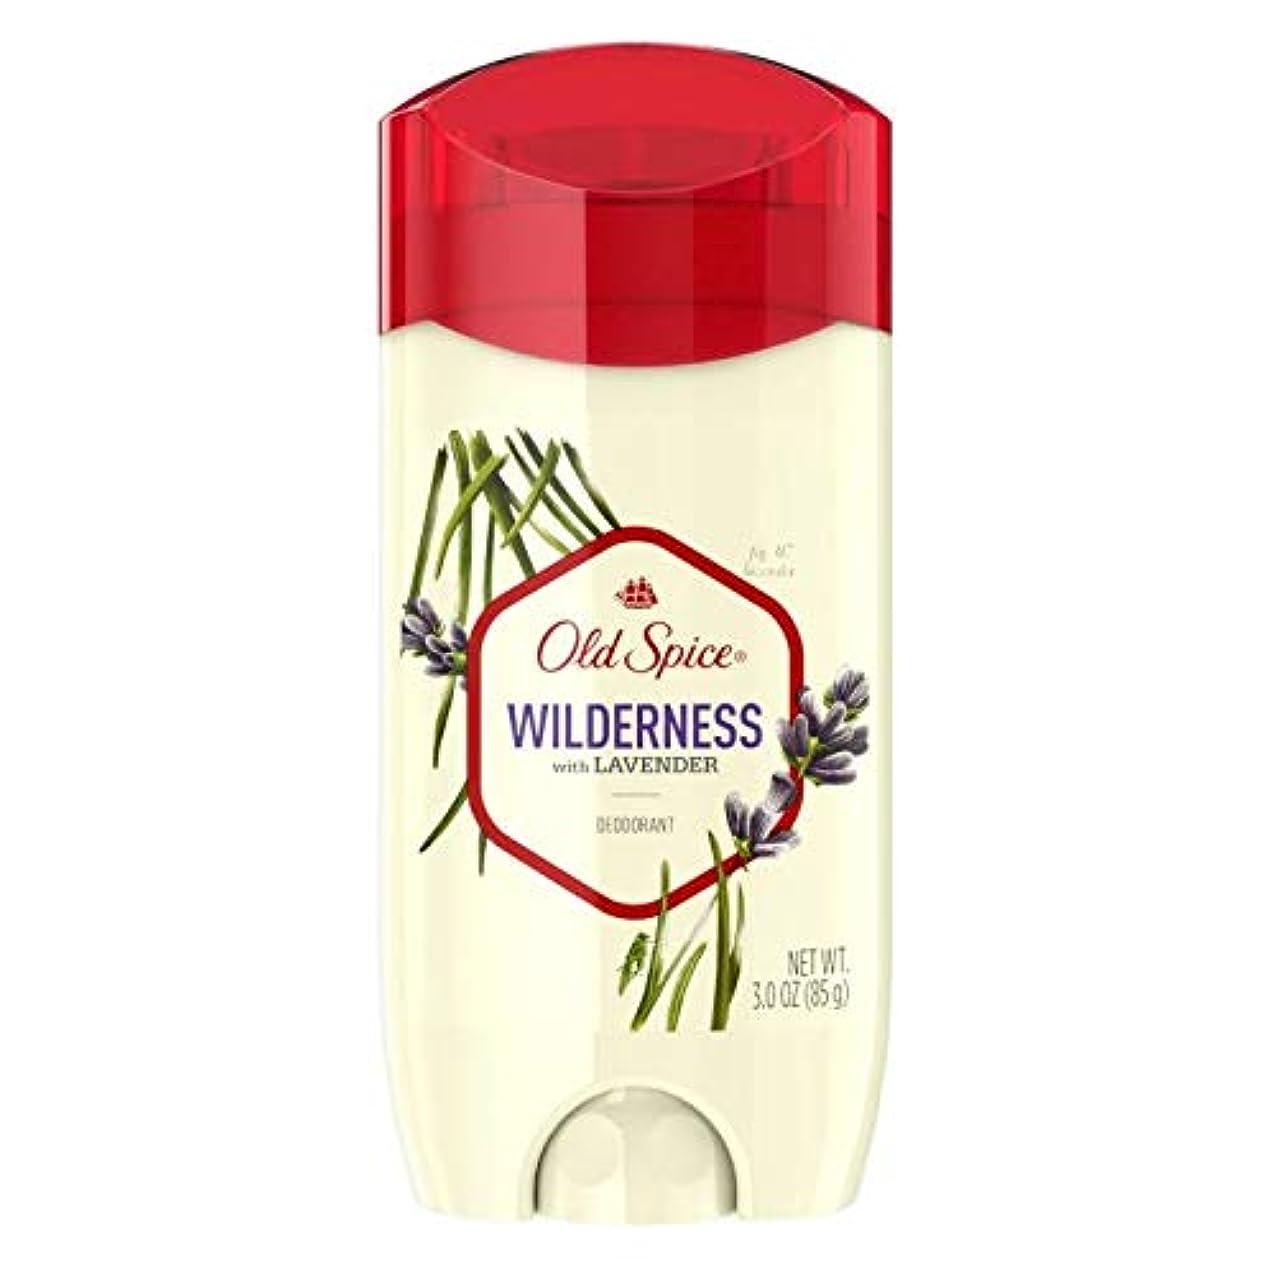 調和ギャンブル平衡Old Spice Fresher Collection Wilderness Deodorant - 3.0oz オールドスパイス フレッシャー コレクション ワイルドネス デオドラント 85g [並行輸入品]